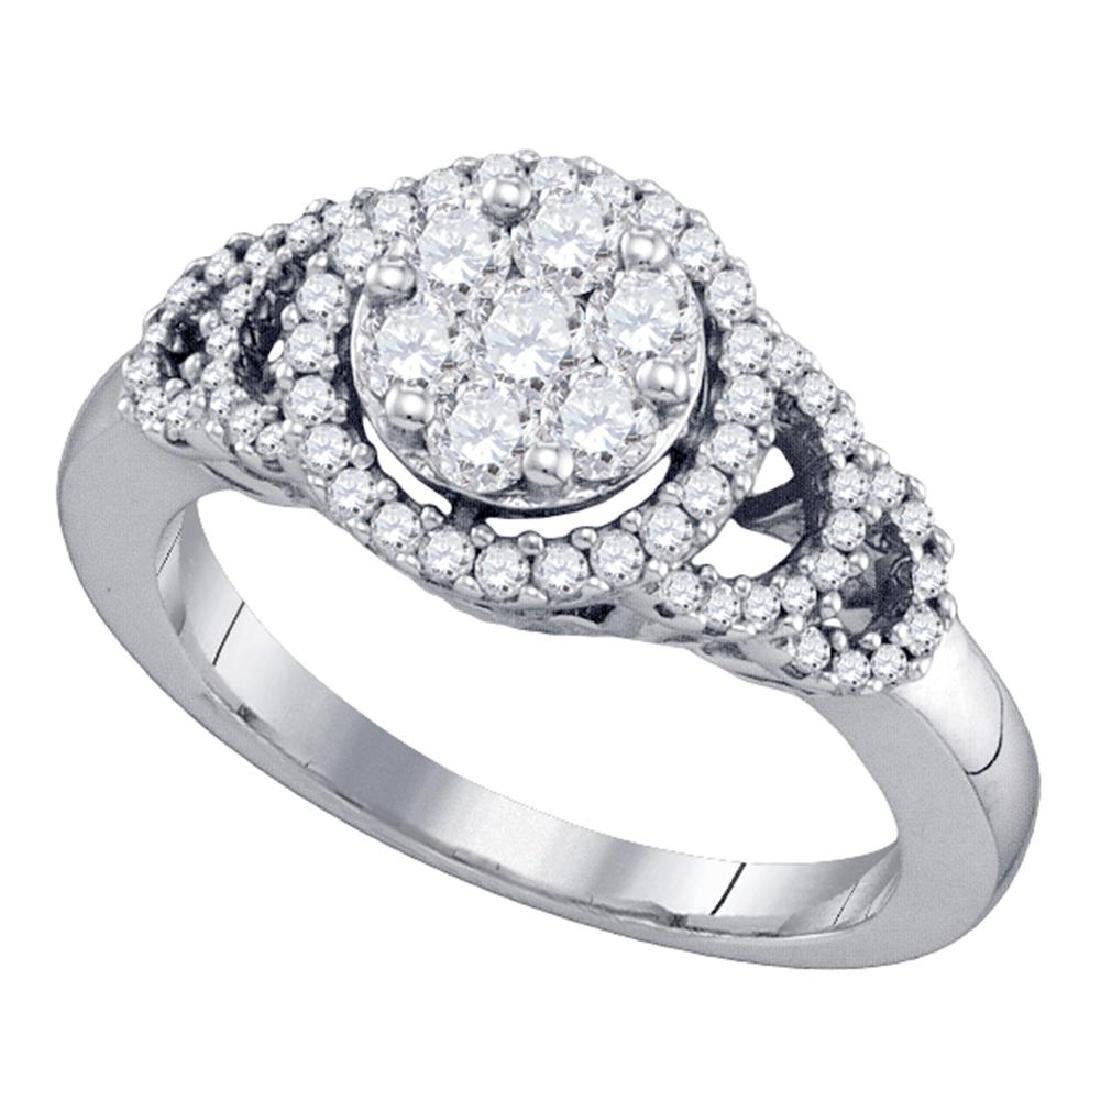 0.71 CTW Diamond Cluster Ring 10KT White Gold -